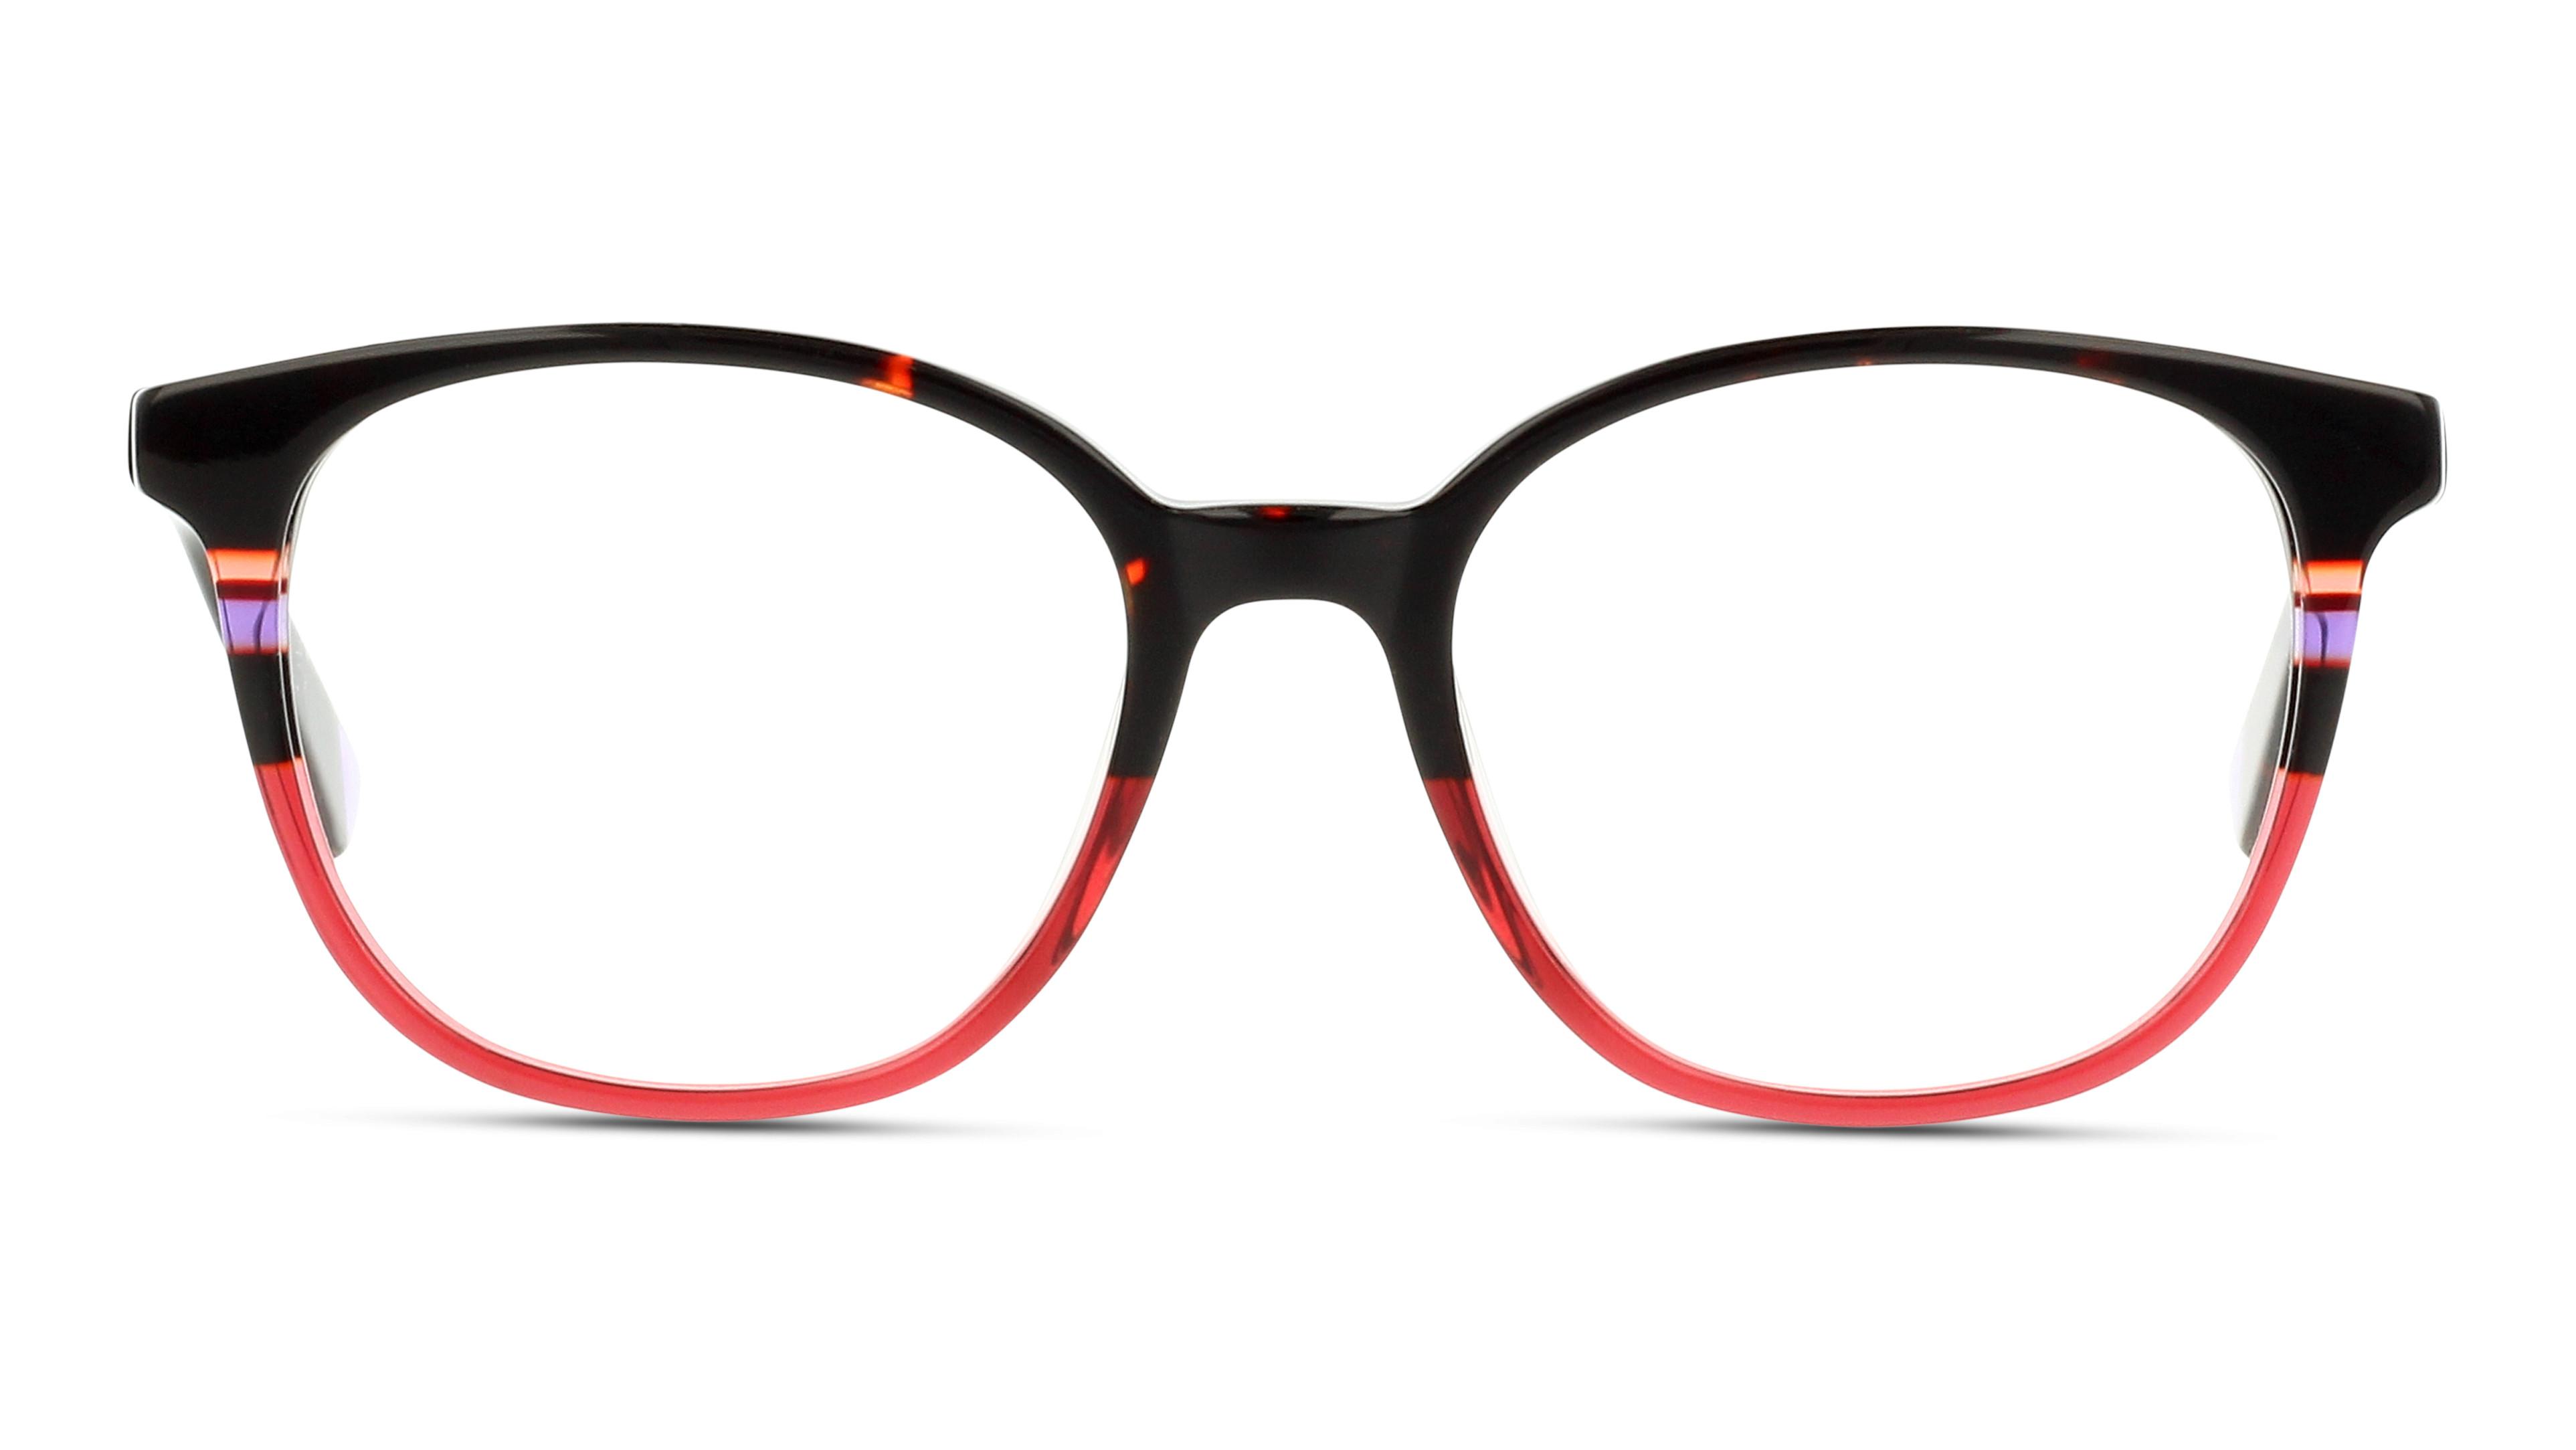 8719154585302-front-01-miki-ninn-mnkf13-eyewear-havana-red